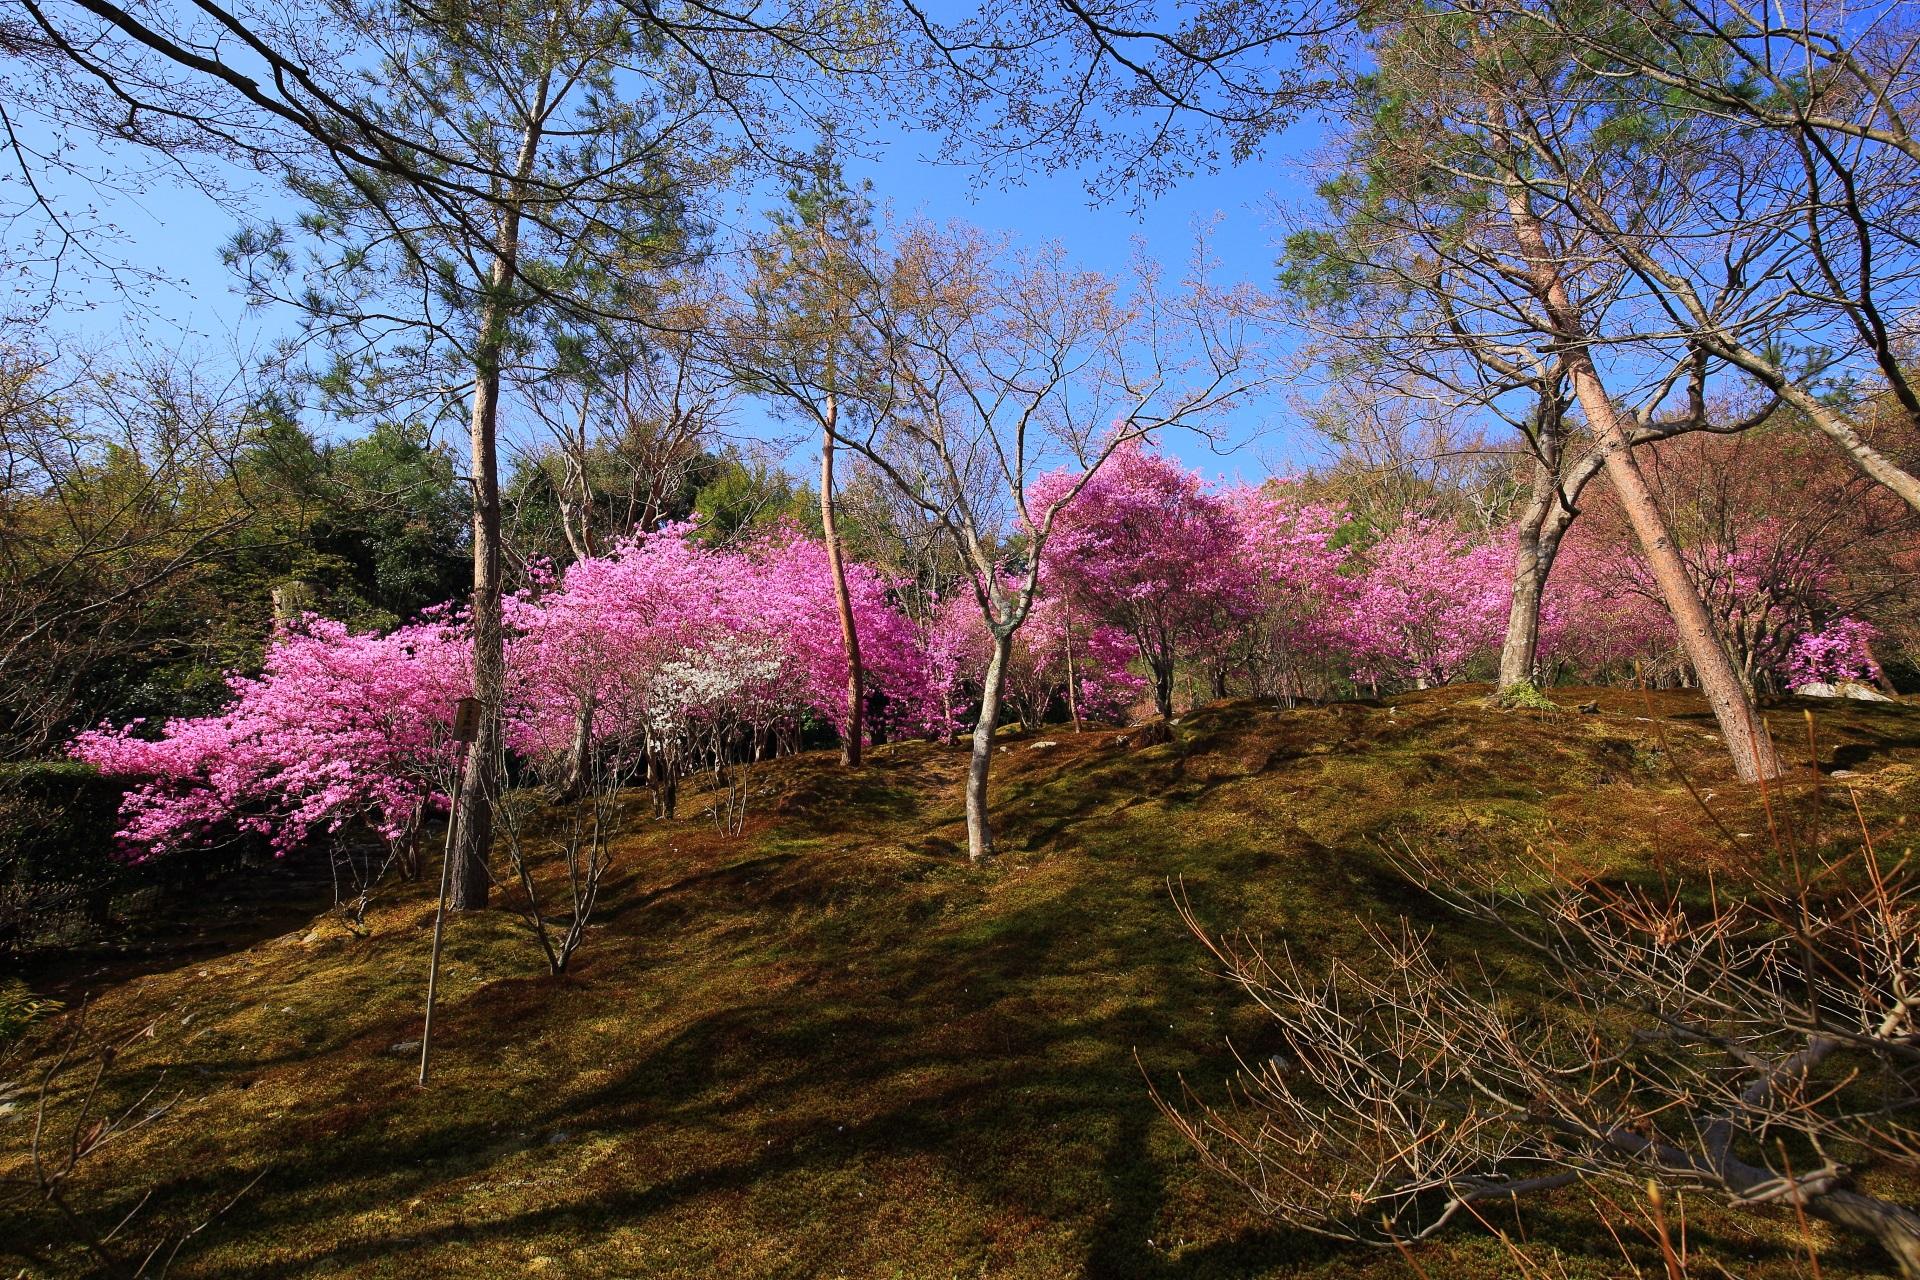 天龍寺桜の曹源池庭園(そうげんちていえん)裏の苔庭のミツバツツジ